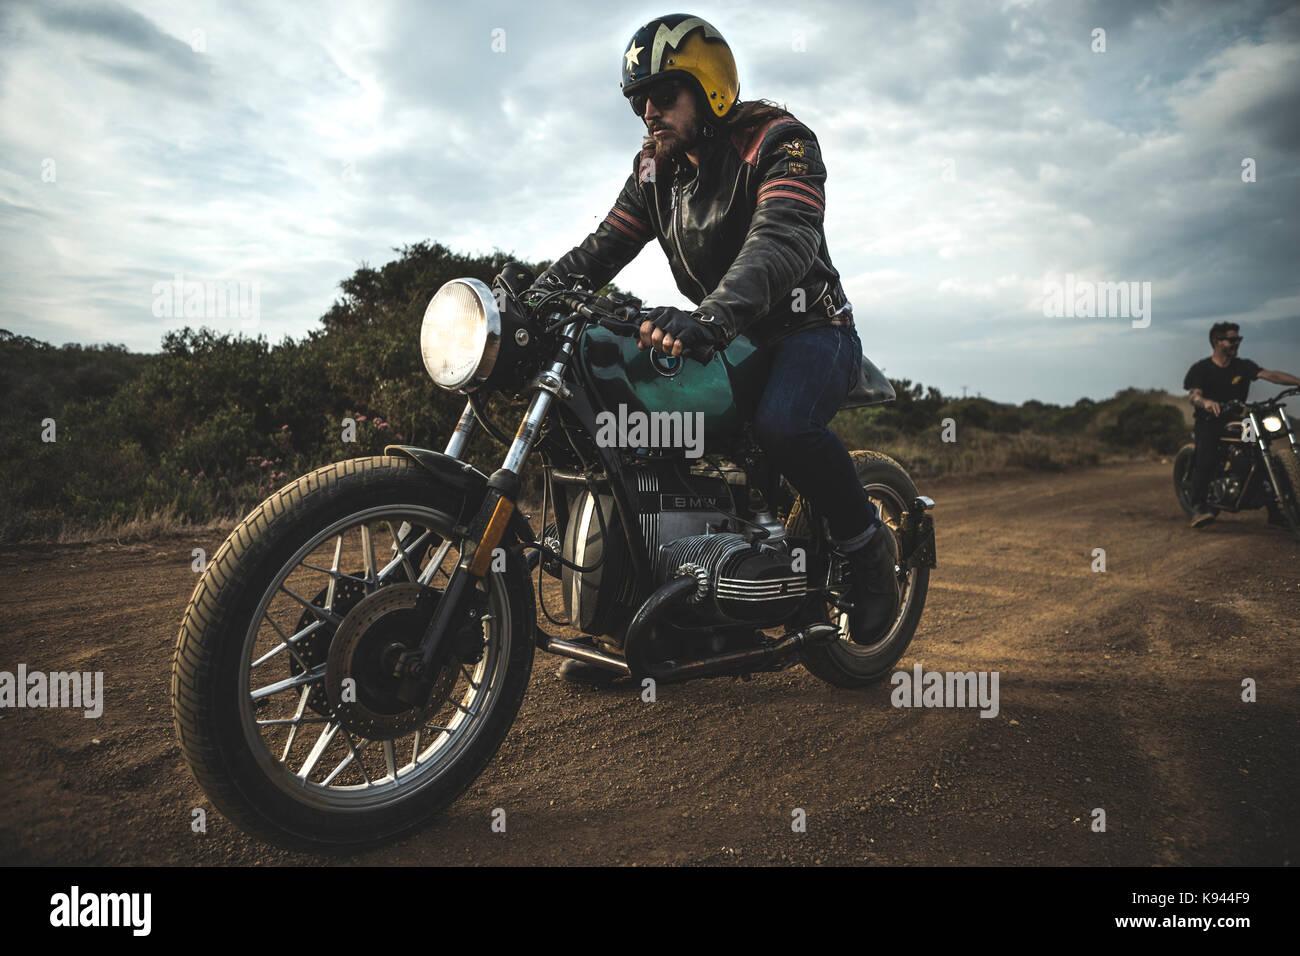 homme portant face ouverte casque et lunettes quitation cafe racer moto sur une route de terre. Black Bedroom Furniture Sets. Home Design Ideas